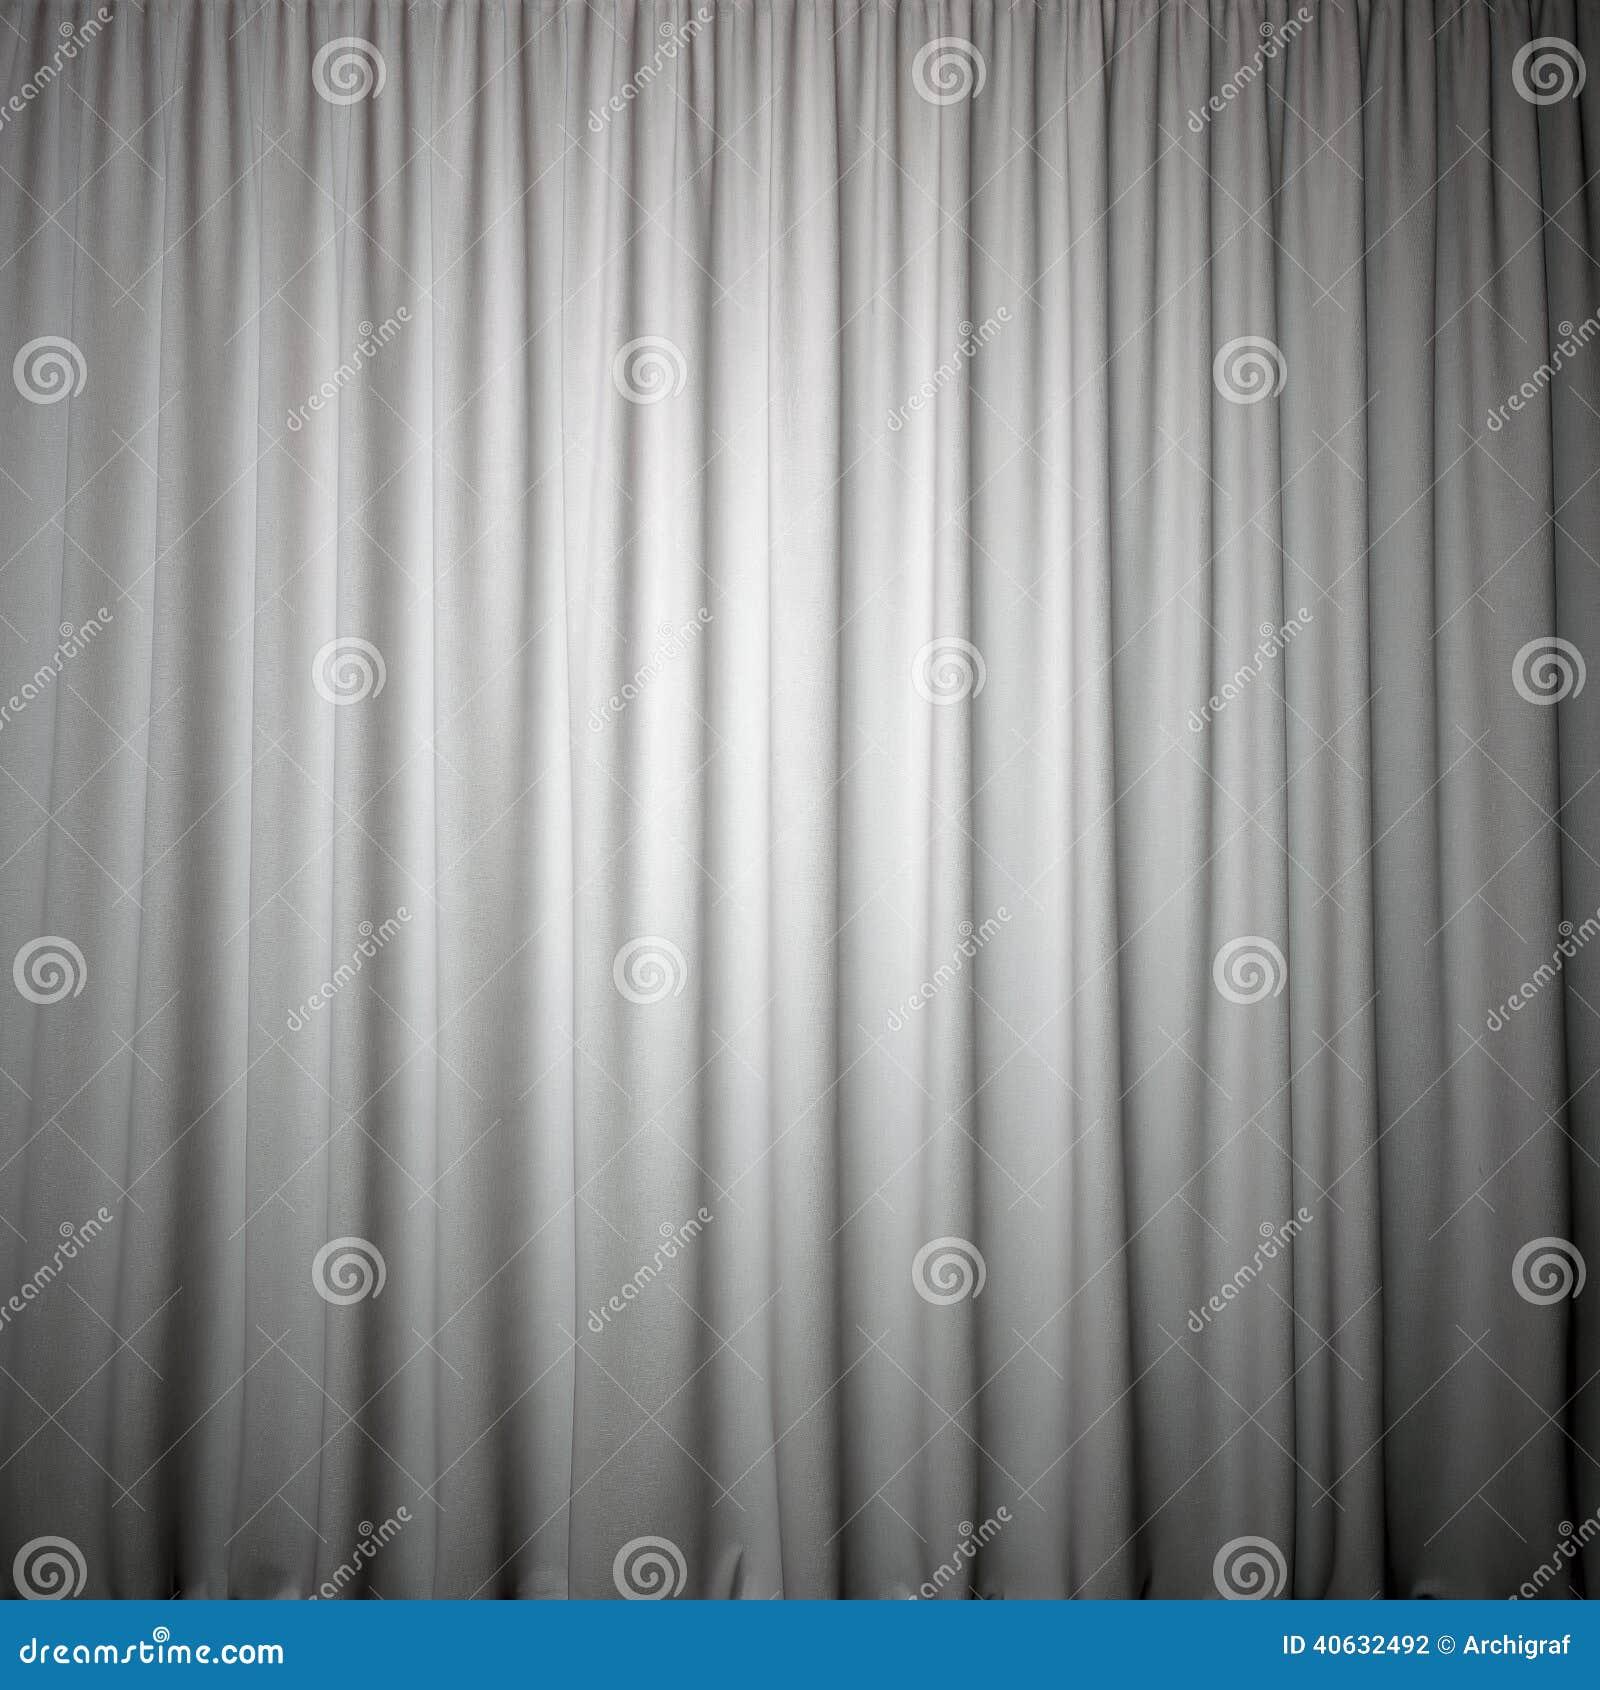 download gordijn grijze kleur stock illustratie illustratie bestaande uit illustratie 40632492